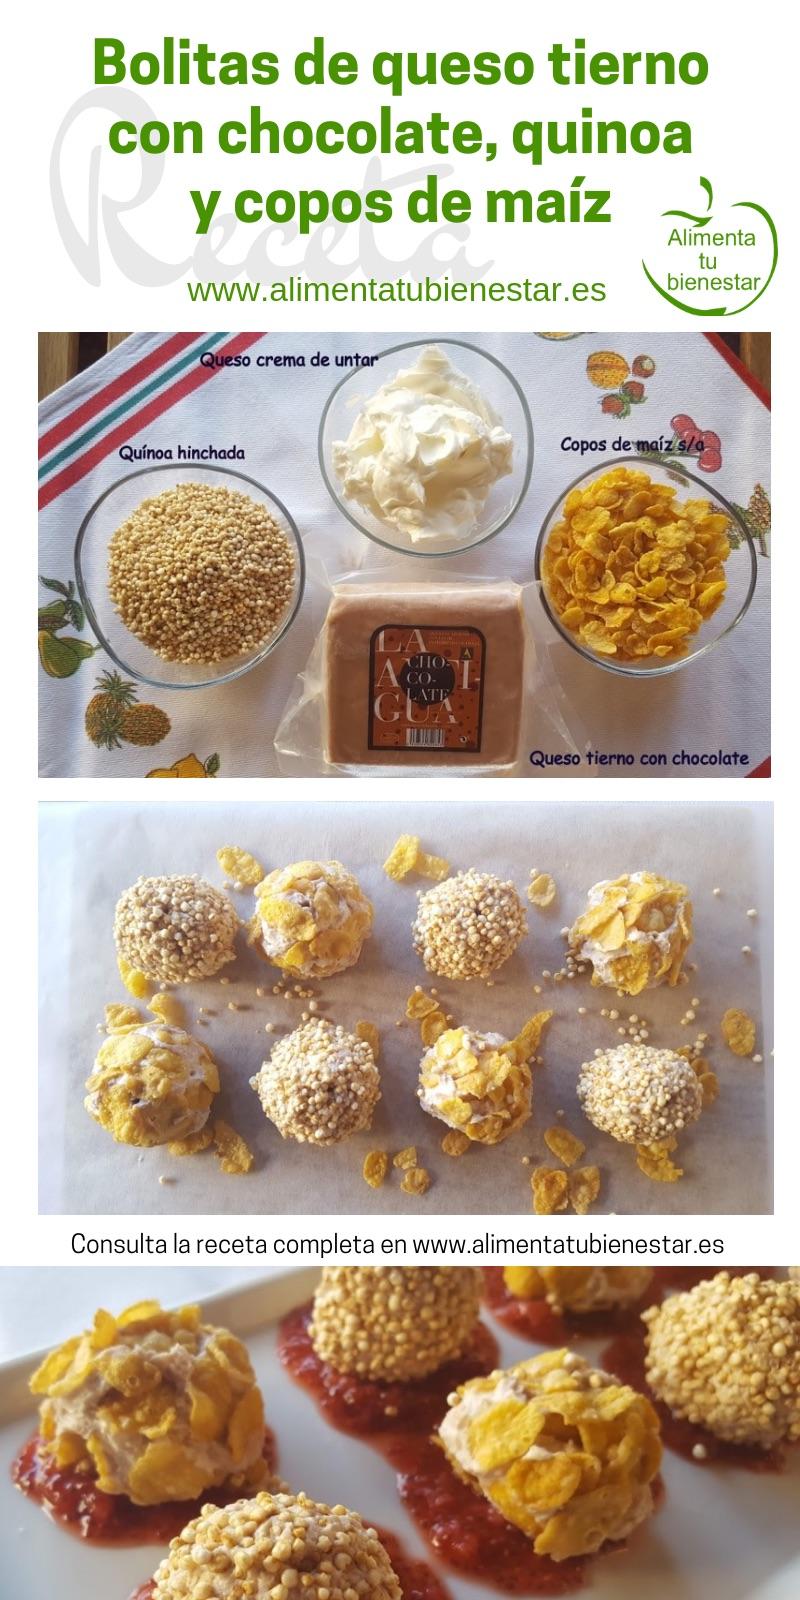 Bolitas de queso tierno con chocolate, quinoa y copos de maíz, receta